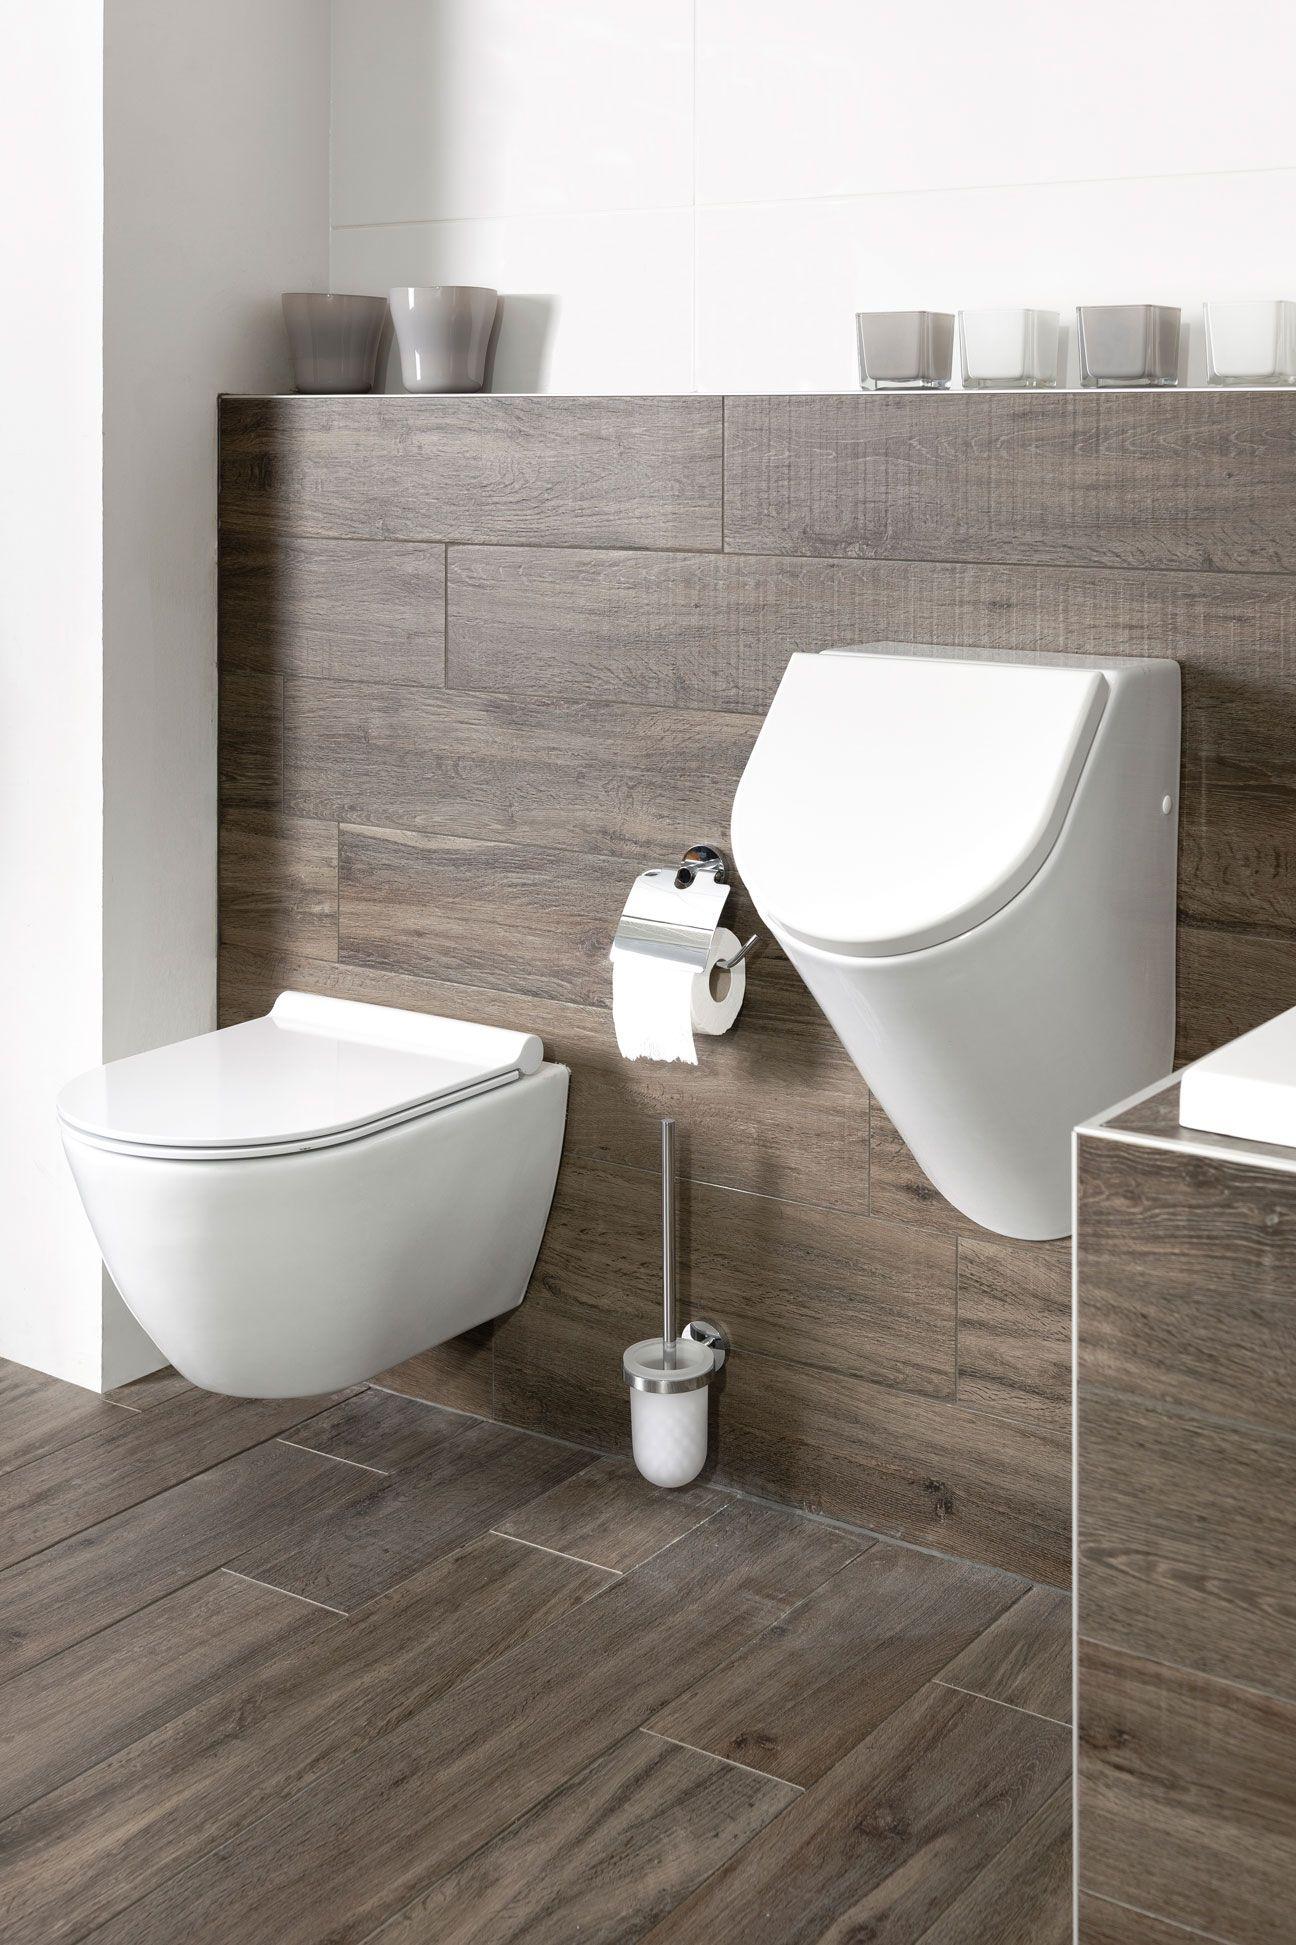 Bidet op toilet 100 images toilets amazon com greenco bidet fresh water spray non - Wc opgeschort ontwerp ...